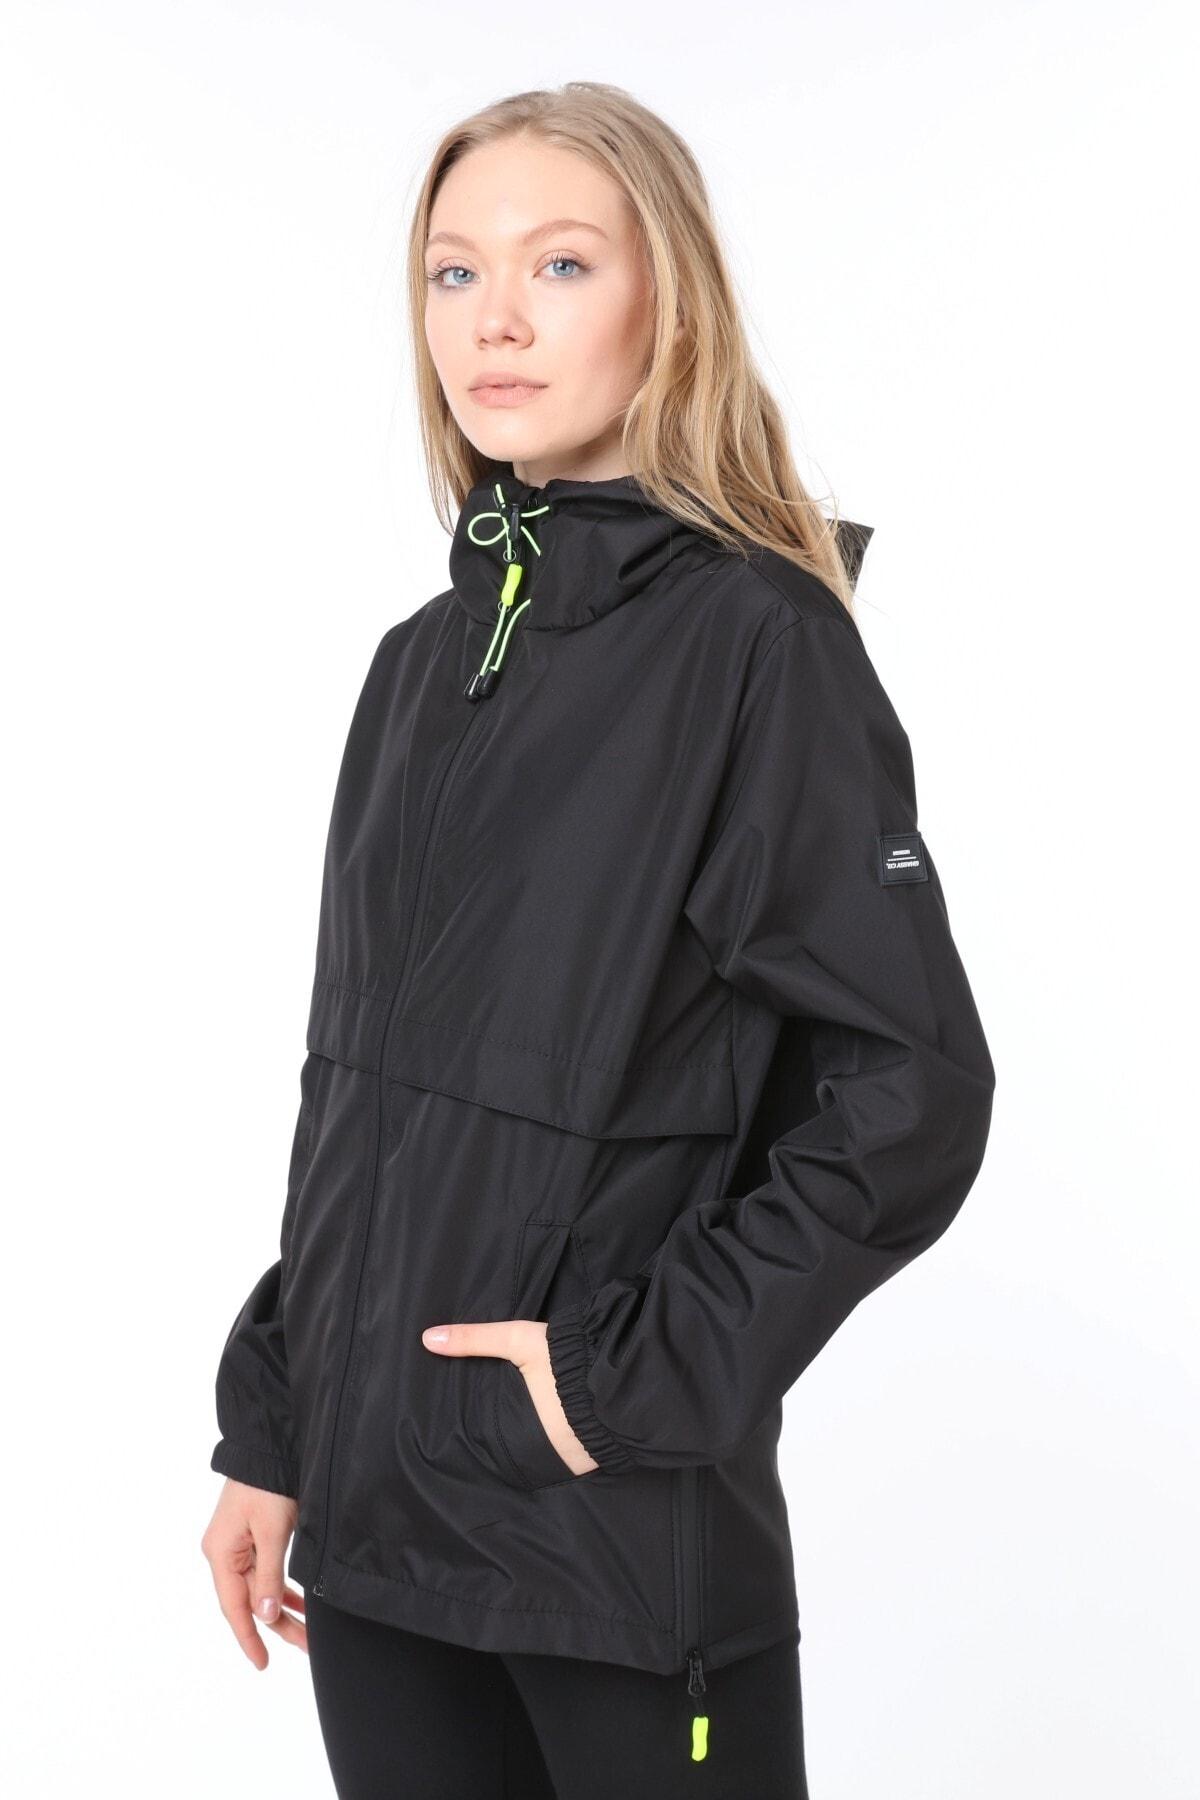 Kadın Yırtmaç Detaylı Mevsimlik Siyah Spor Ceket